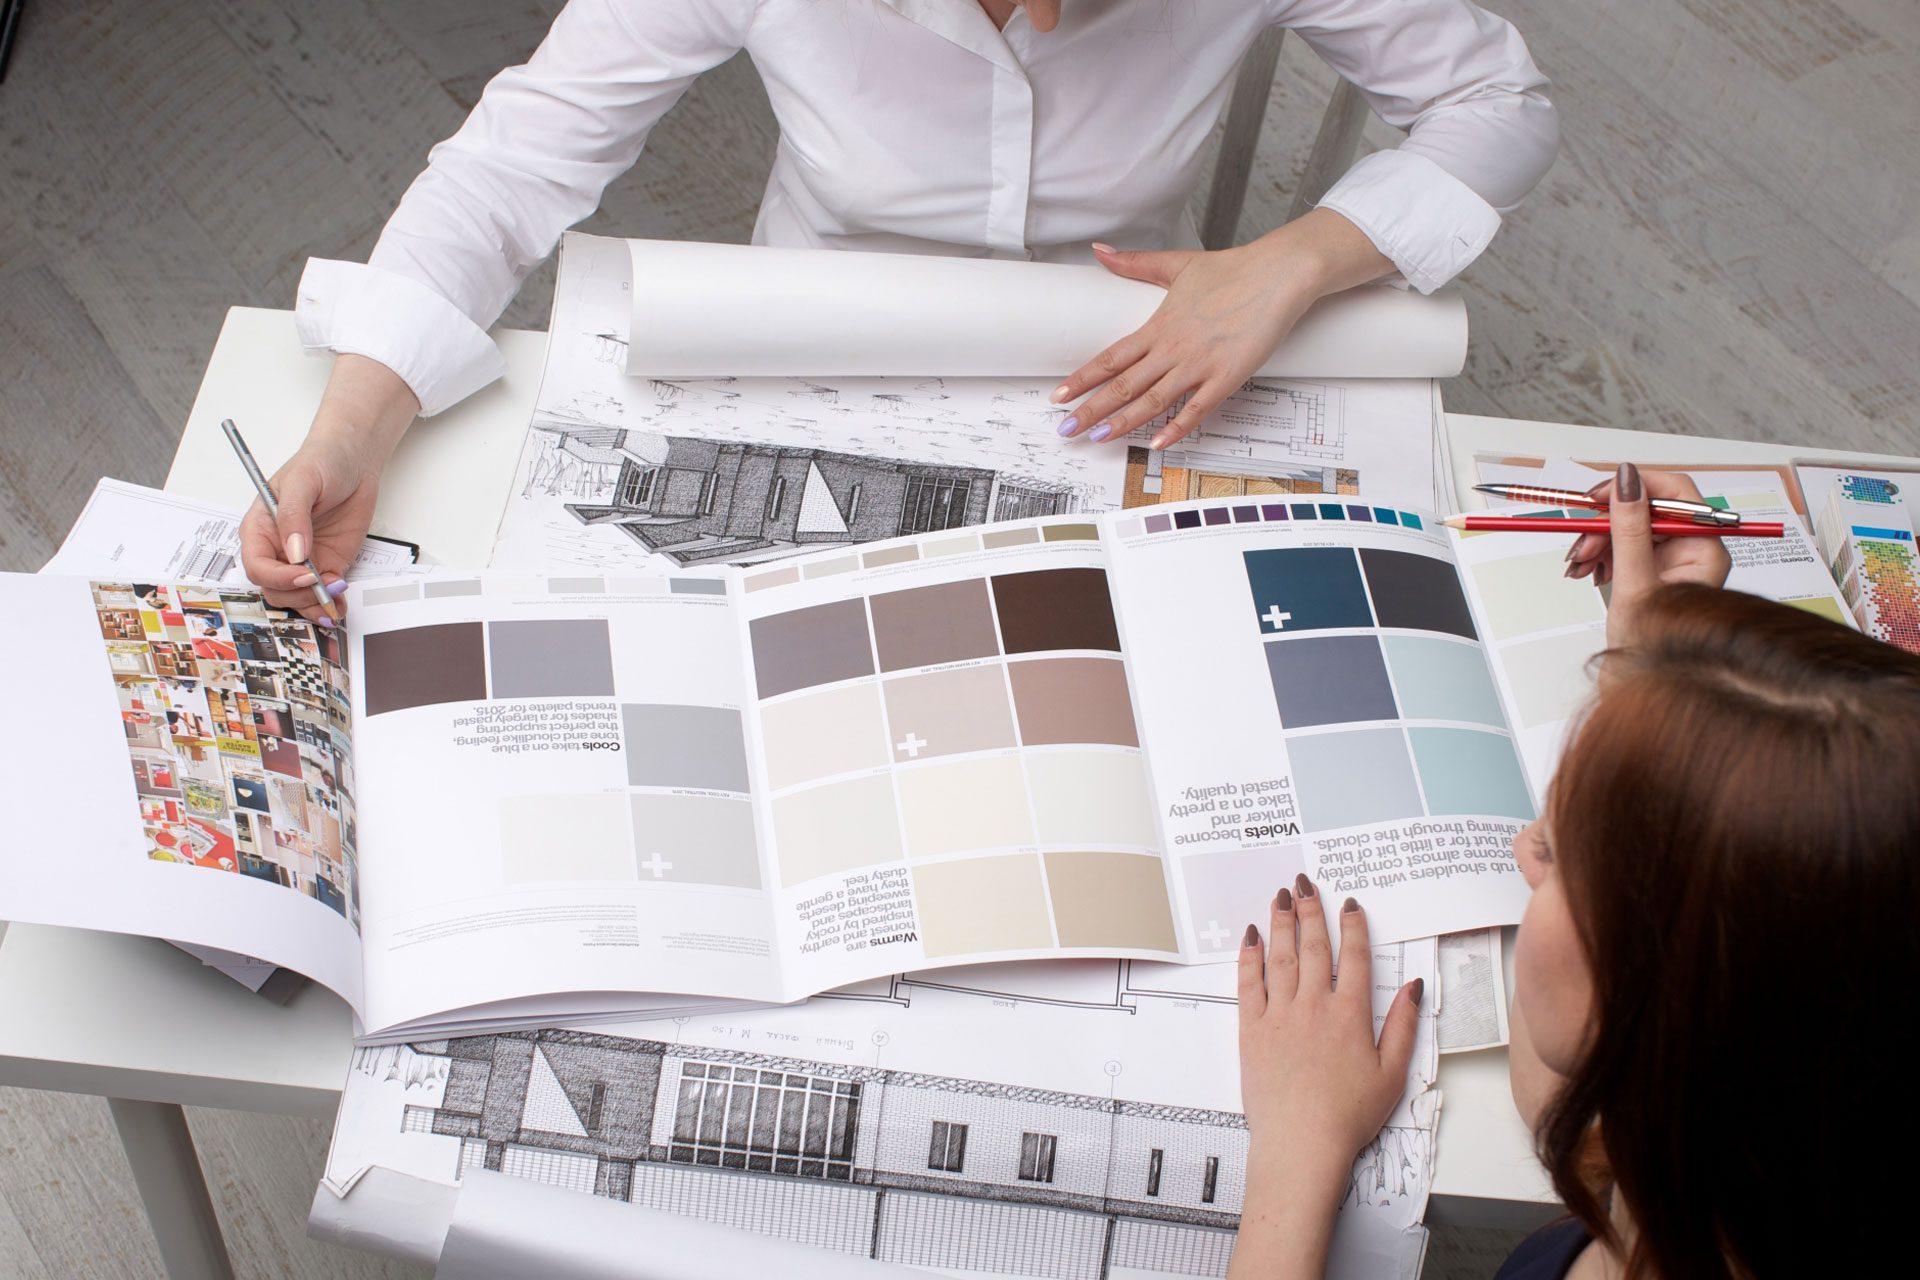 施工前の不安を解消!実績ある建築デザイナーによる相談で、より具体的にイメージして頂ける、個人のお客様向けの安心サービスです。